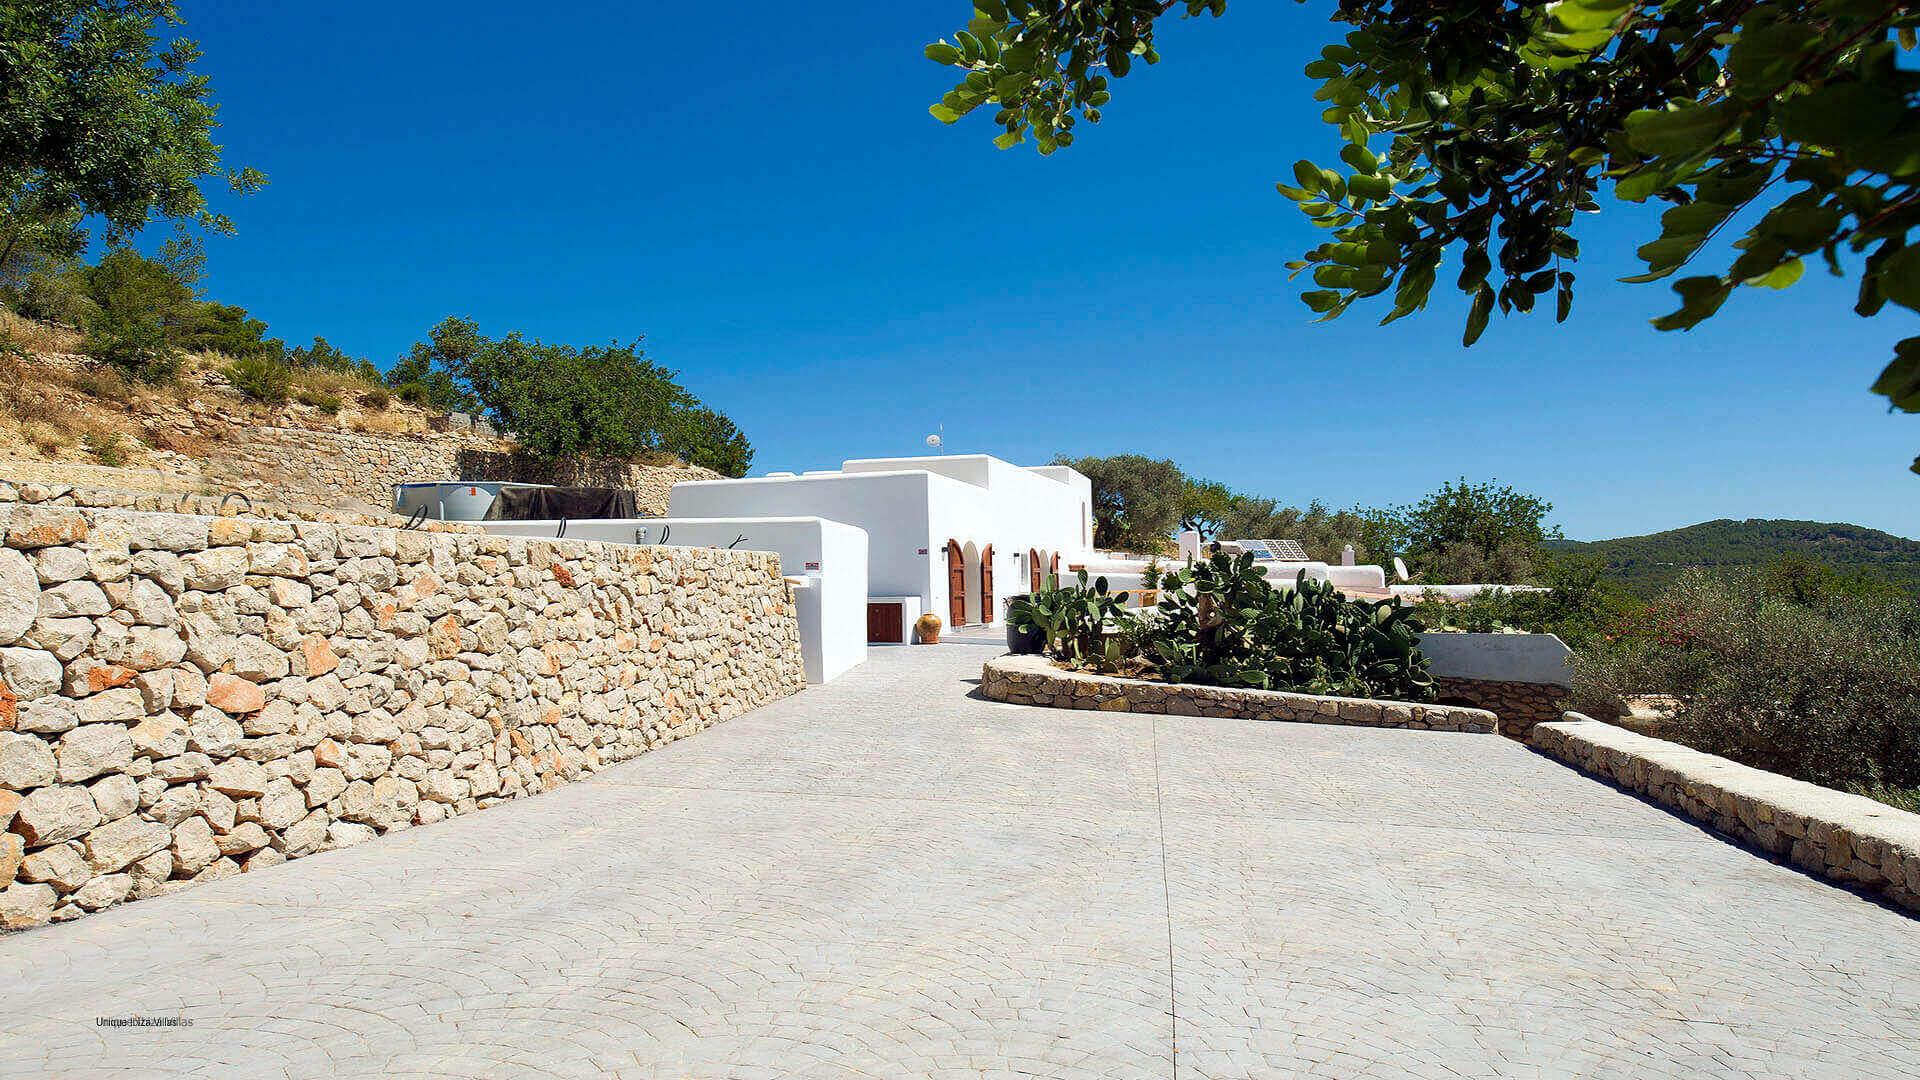 Casa Pep San Mateo Ibiza 7 Near San Mateo